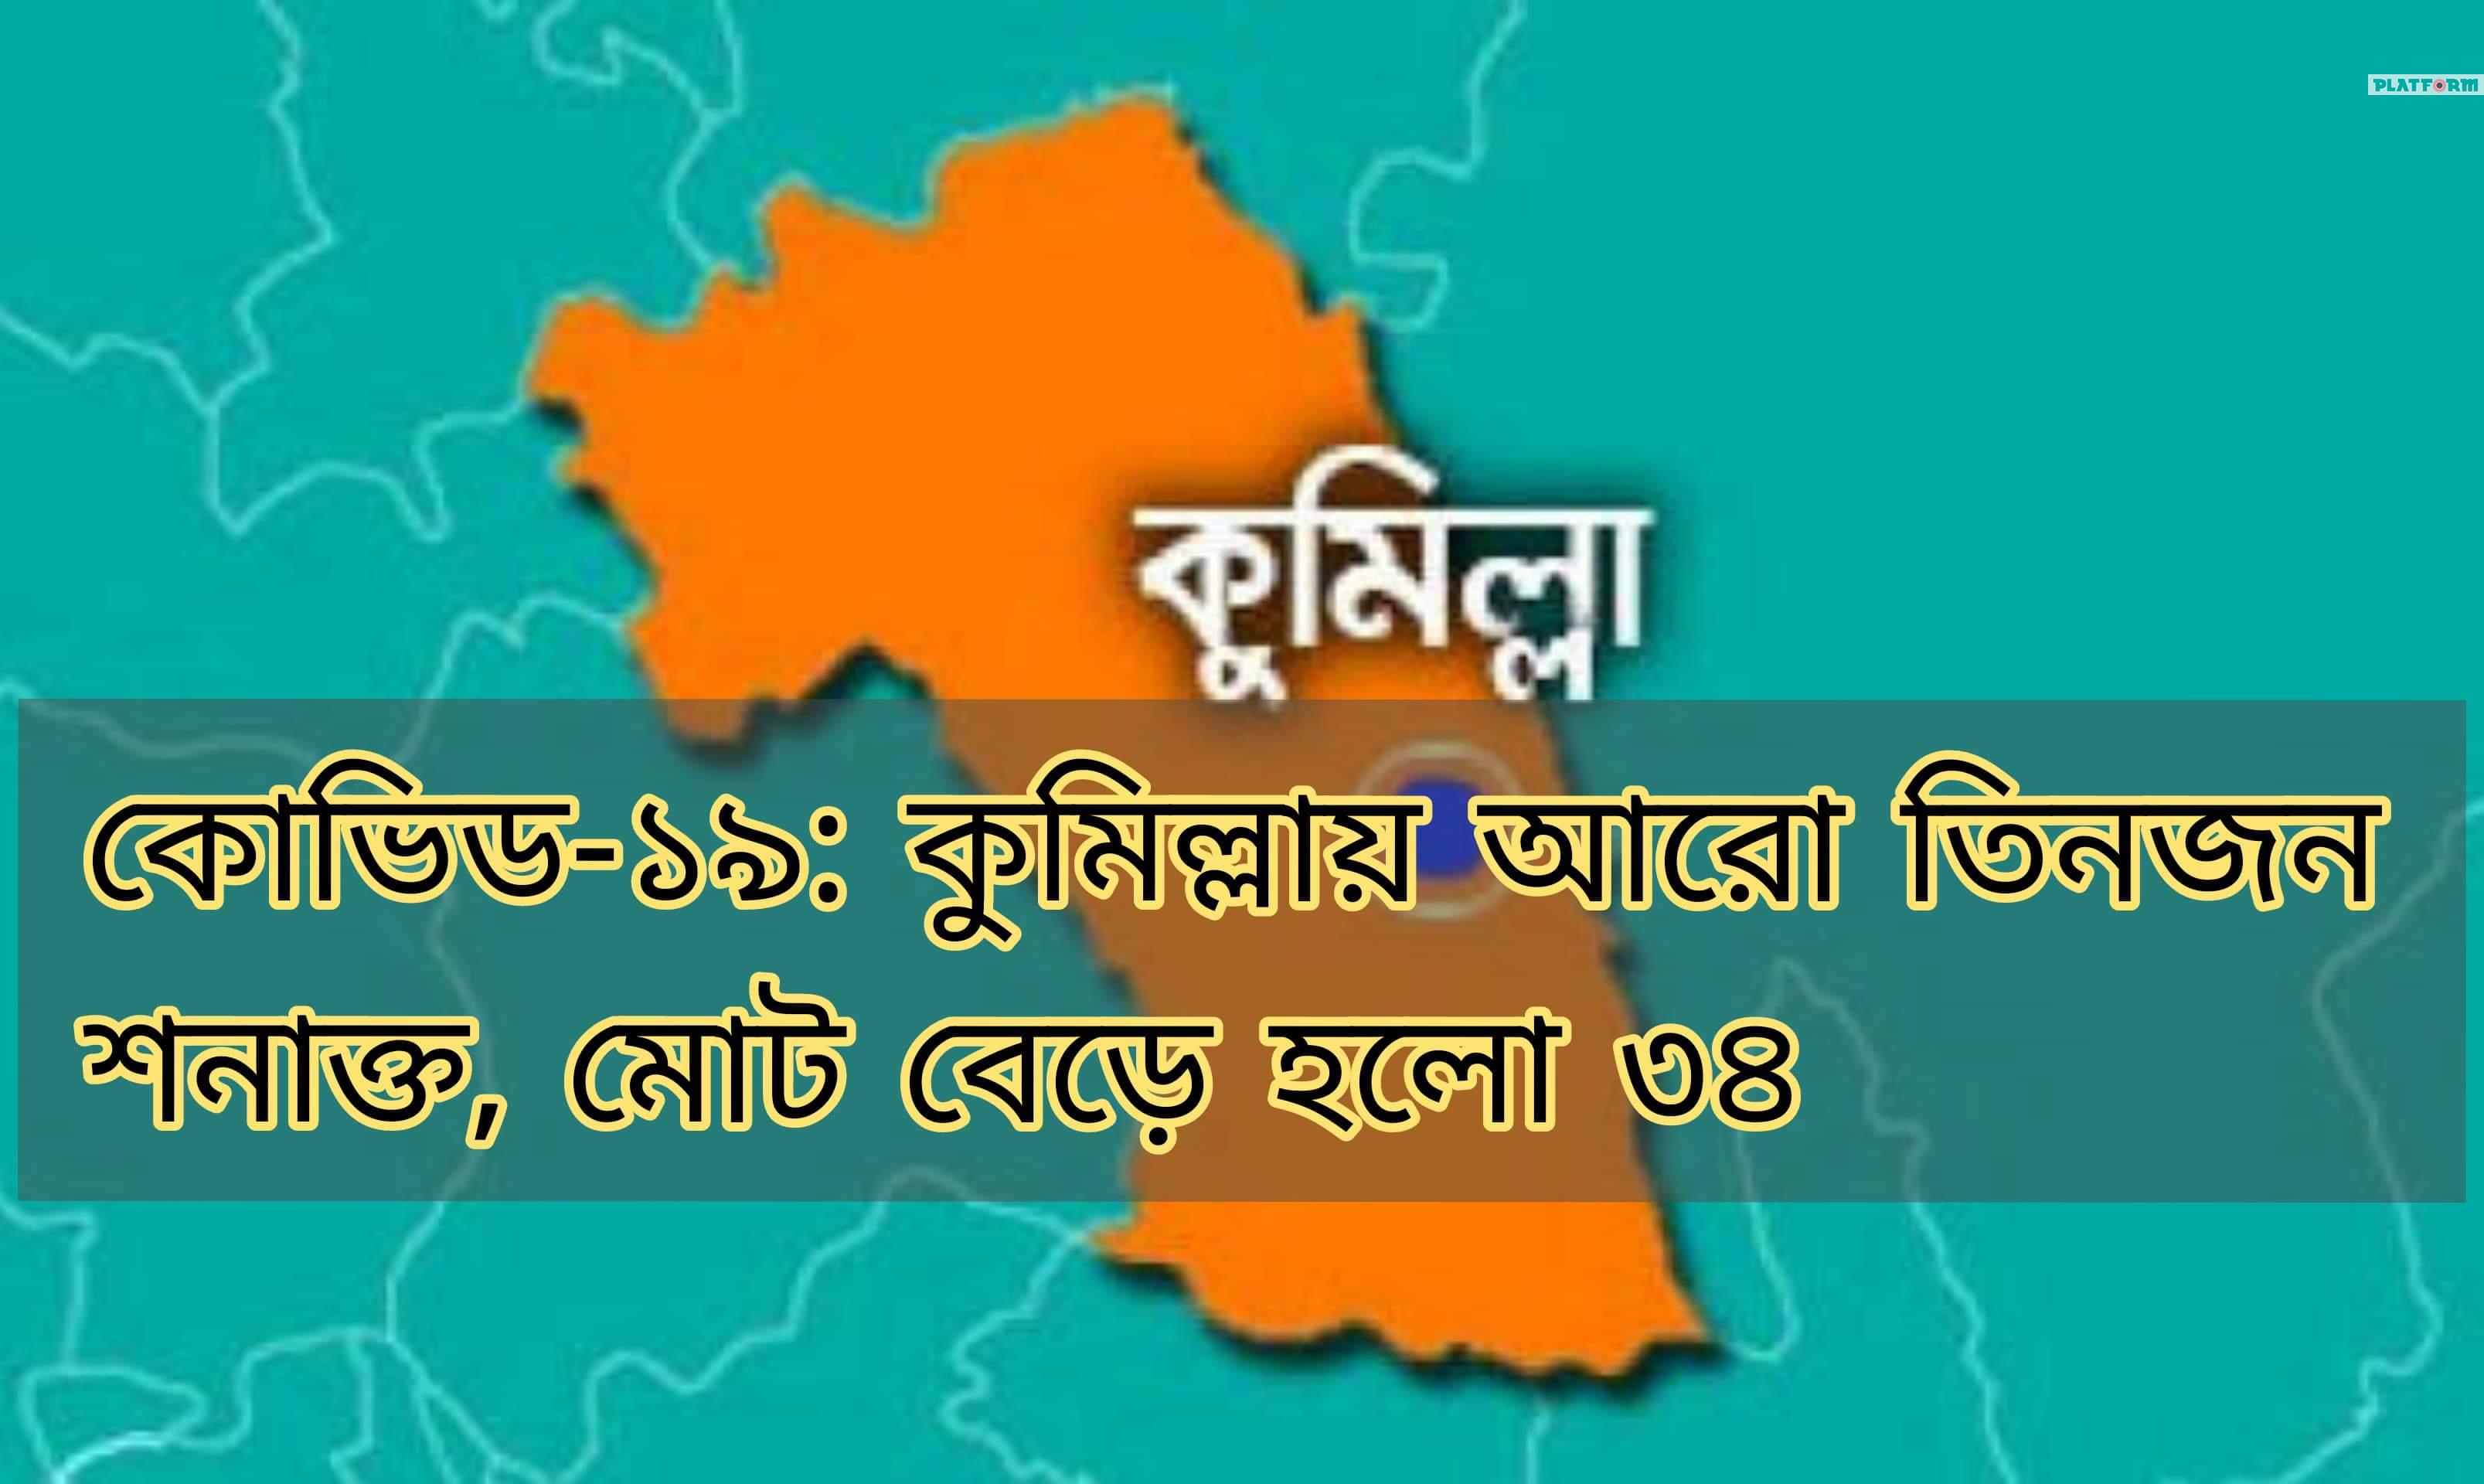 কোভিড-১৯: কুমিল্লায় আরো ৩ জনসহ মোট শনাক্ত ৩৪ প্ল্যাটফর্ম নিউজ